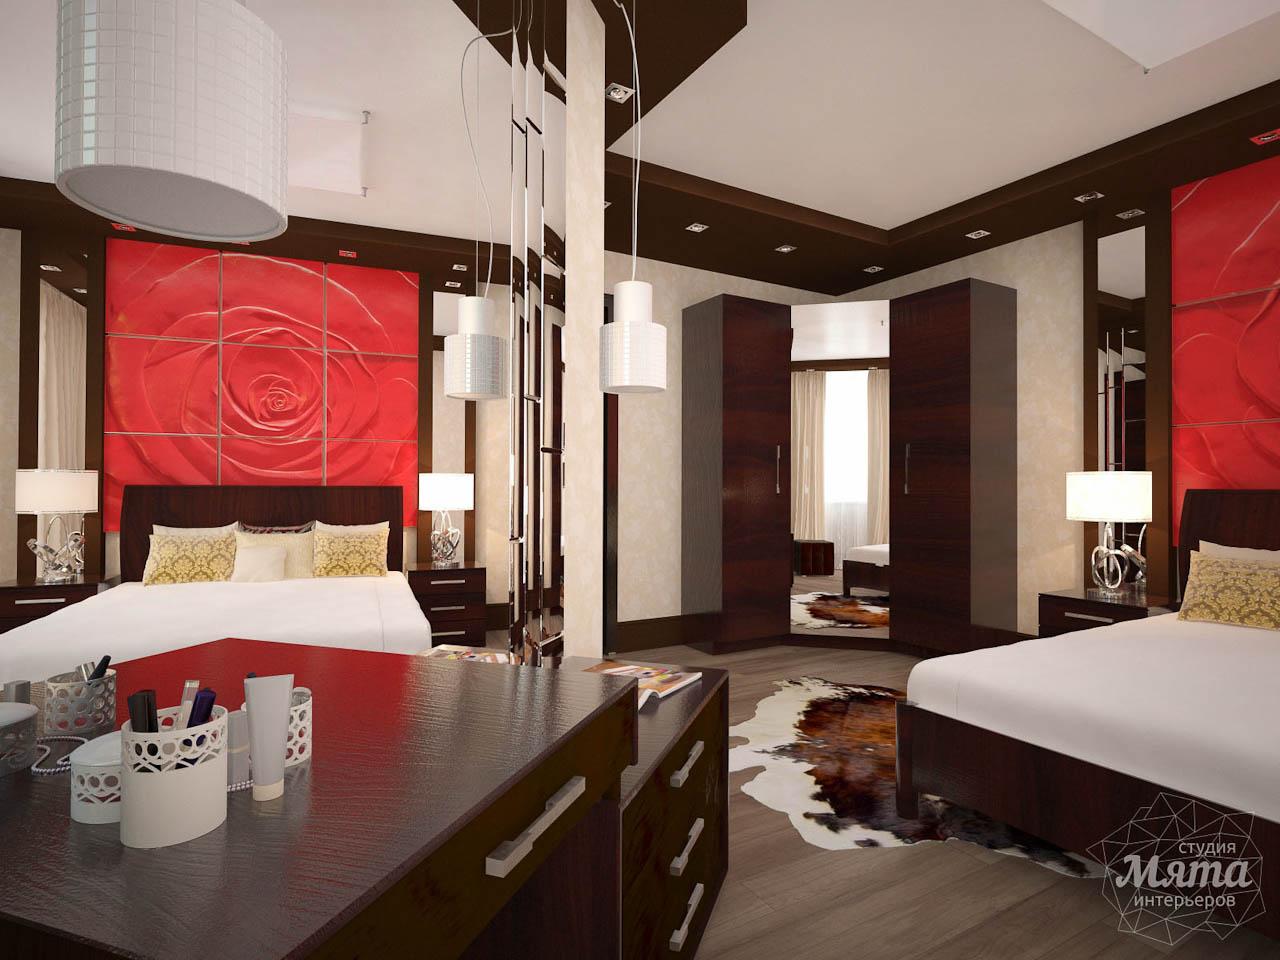 Дизайн интерьера трехкомнатной квартиры по ул. Белинского 222 img242115571